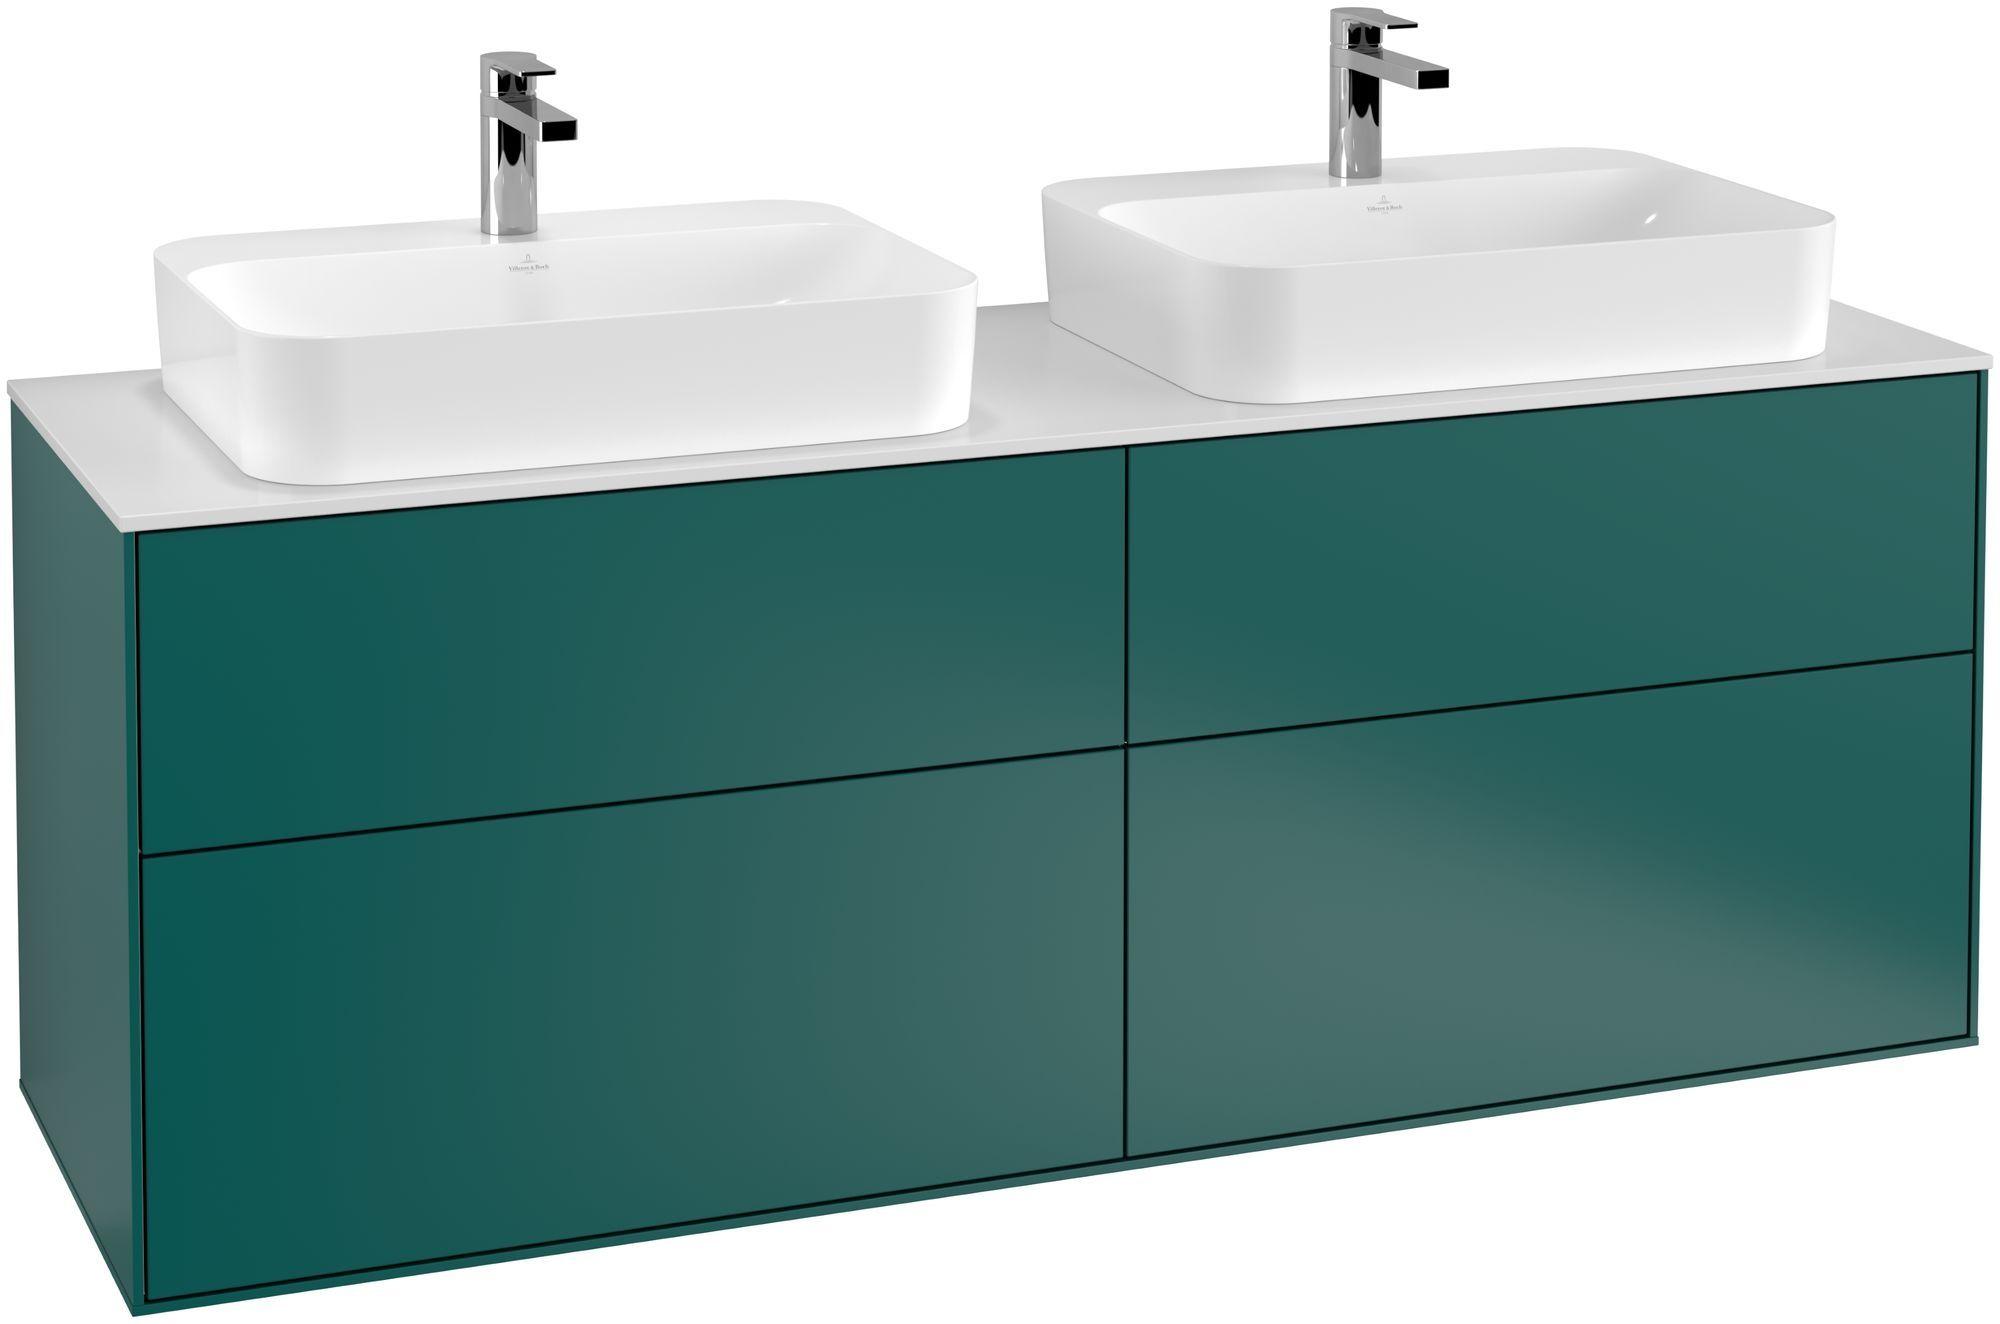 Villeroy & Boch Finion G43 Waschtischunterschrank 4 Auszüge LED-Beleuchtung B:160xH:60,3xT:50,1cm Front, Korpus: Cedar, Glasplatte: White Matt G43100GS